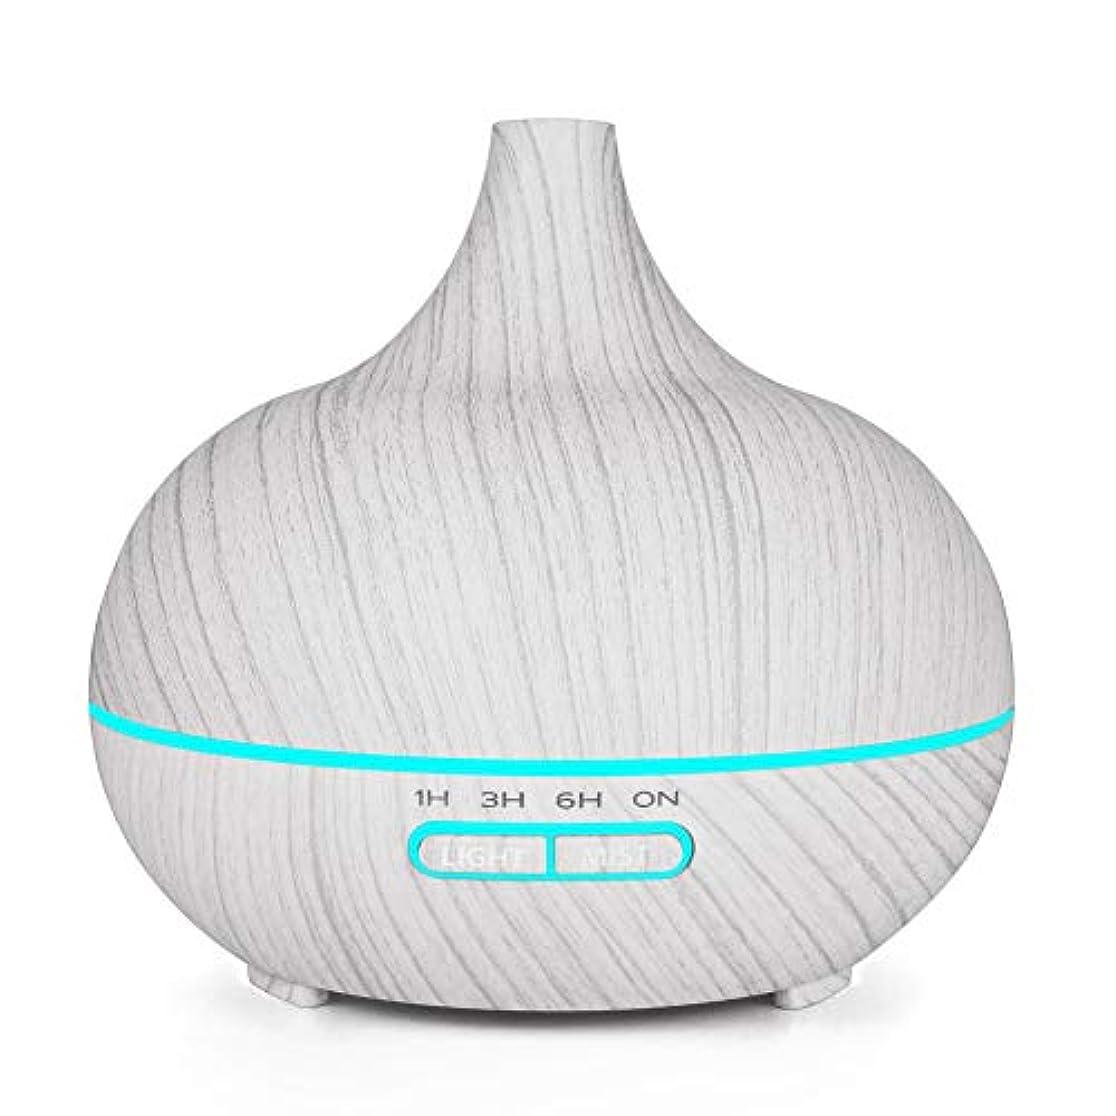 木目 涼しい霧 加湿器,7 色 空気を浄化 加湿機 時間 手動 香り 精油 ディフューザー アロマネブライザー Yoga ベッド- 400ml